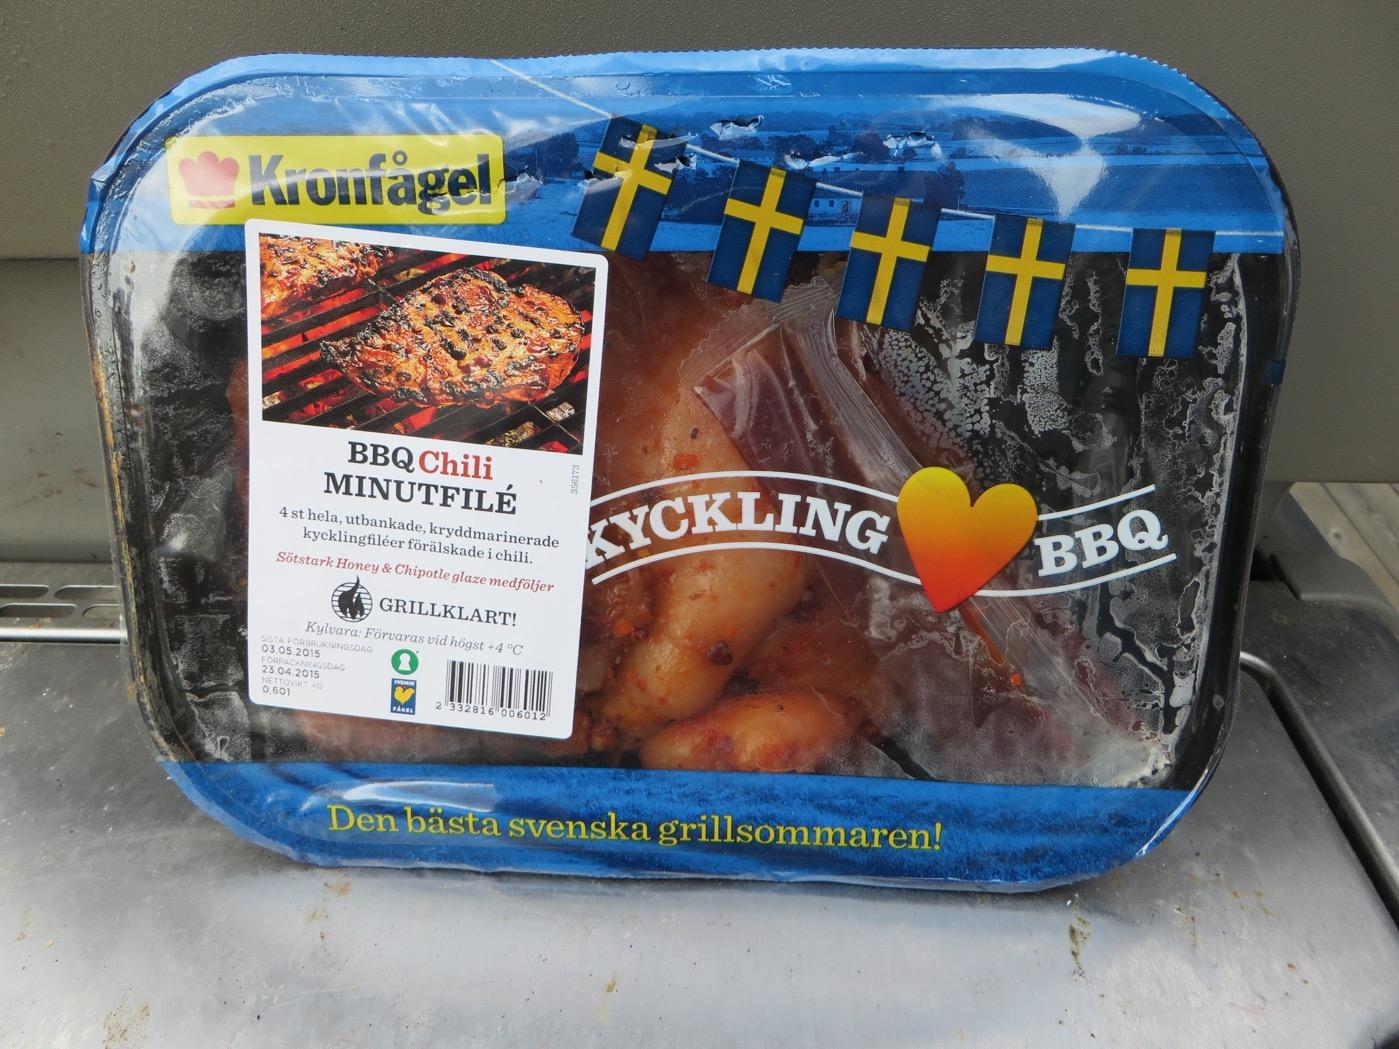 BBQ Chili Minutfilé från Kronfågel.